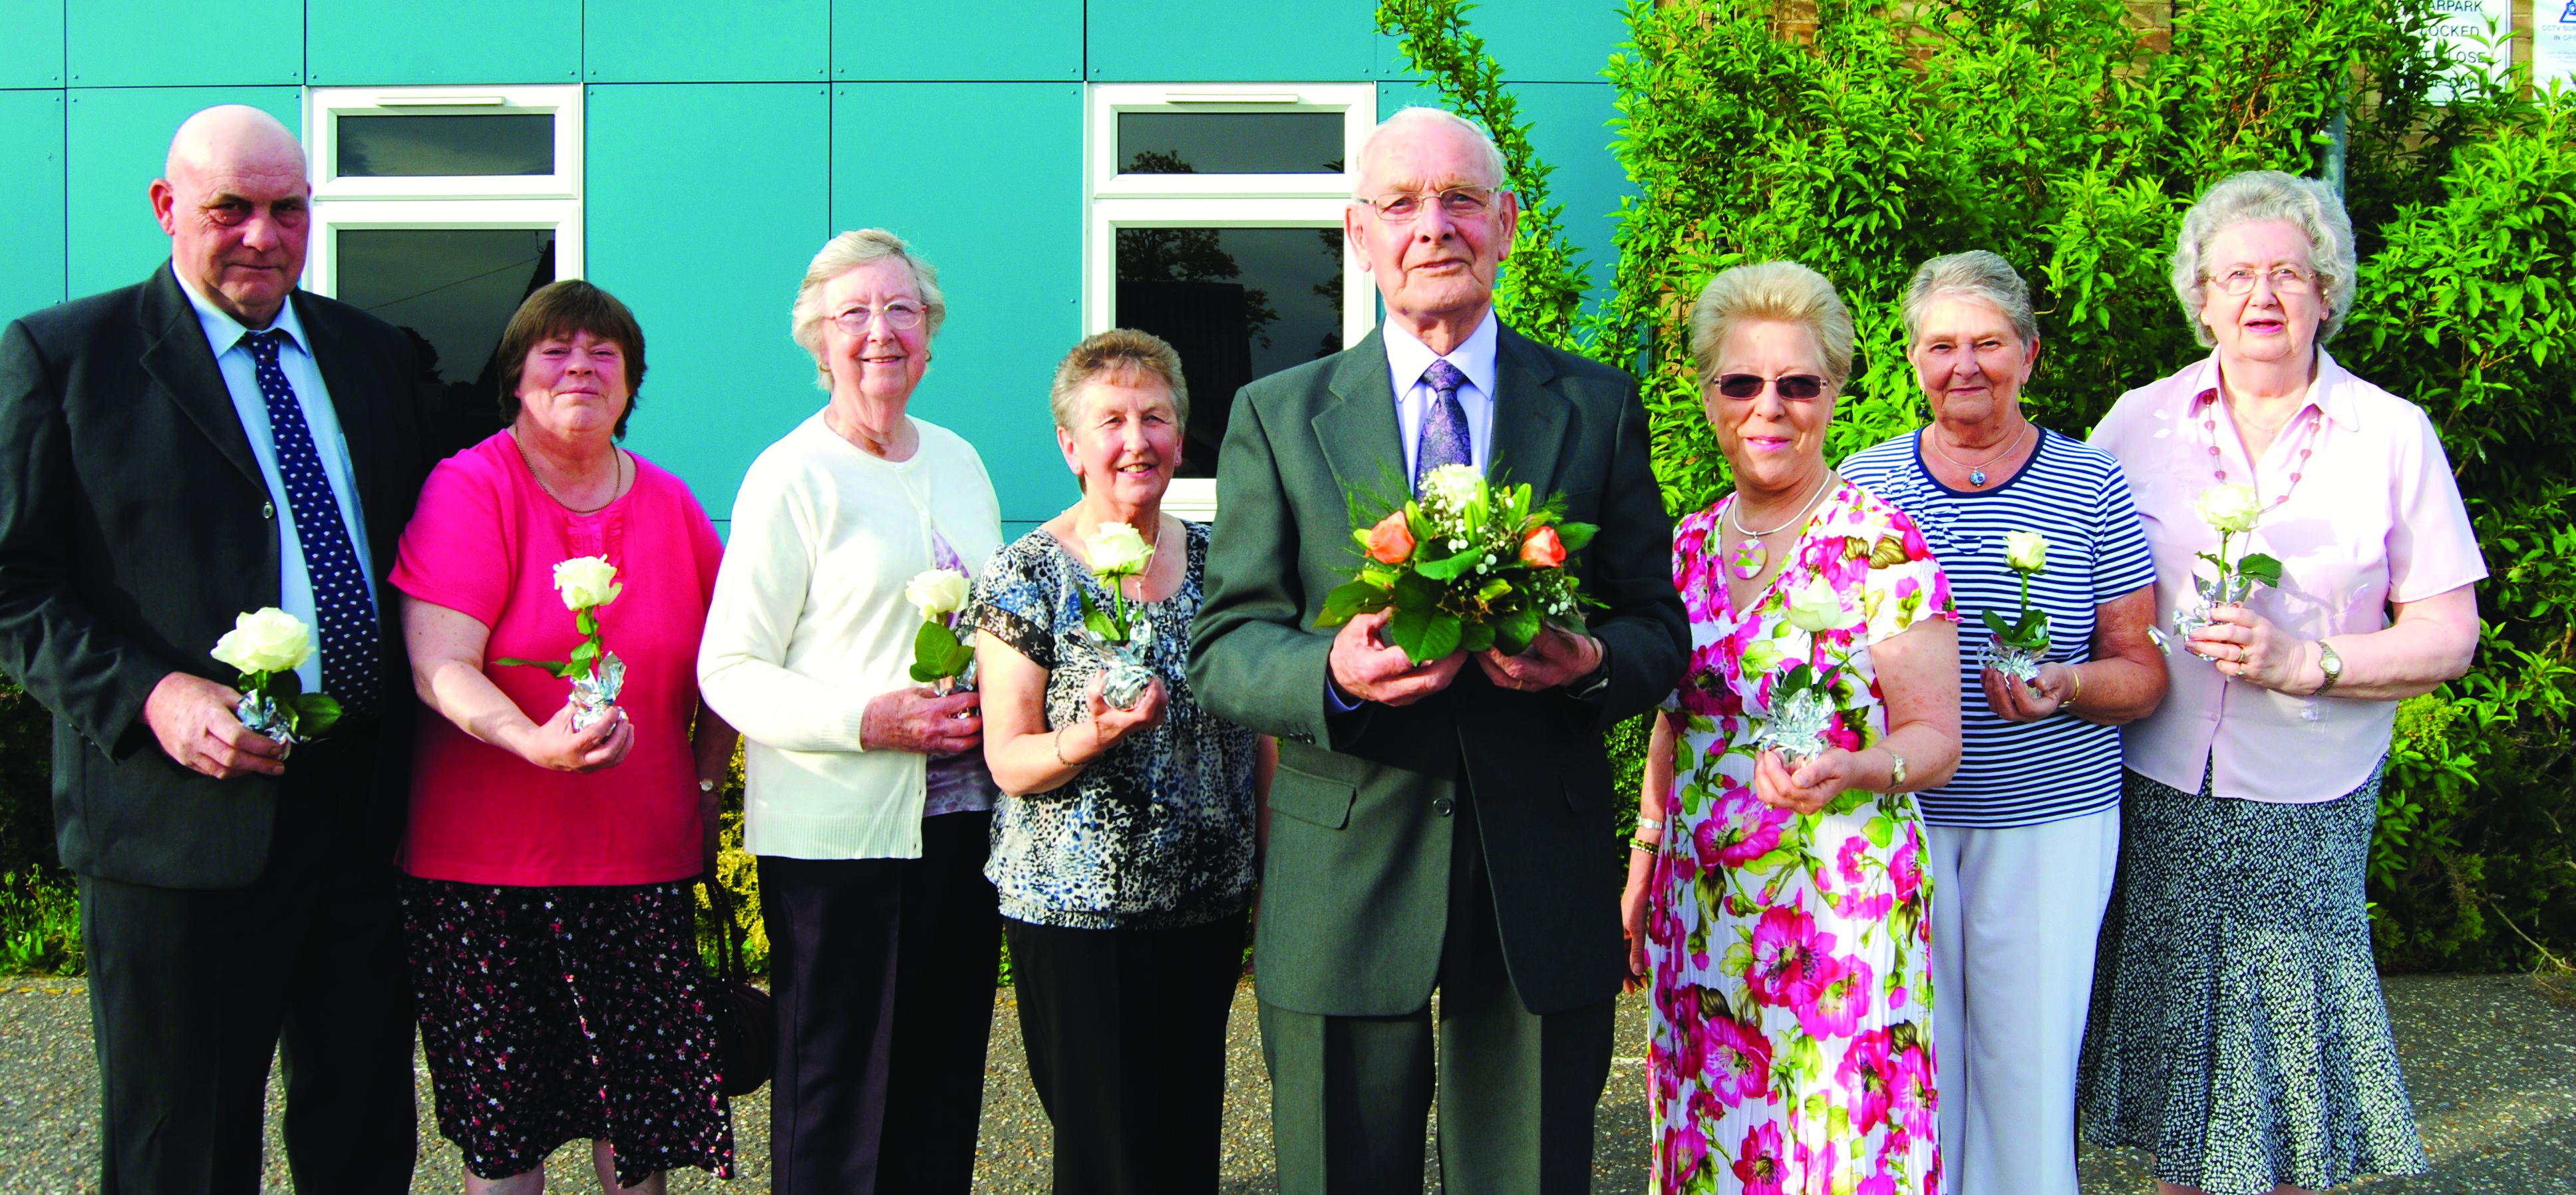 Hellesdon Horticultural Society